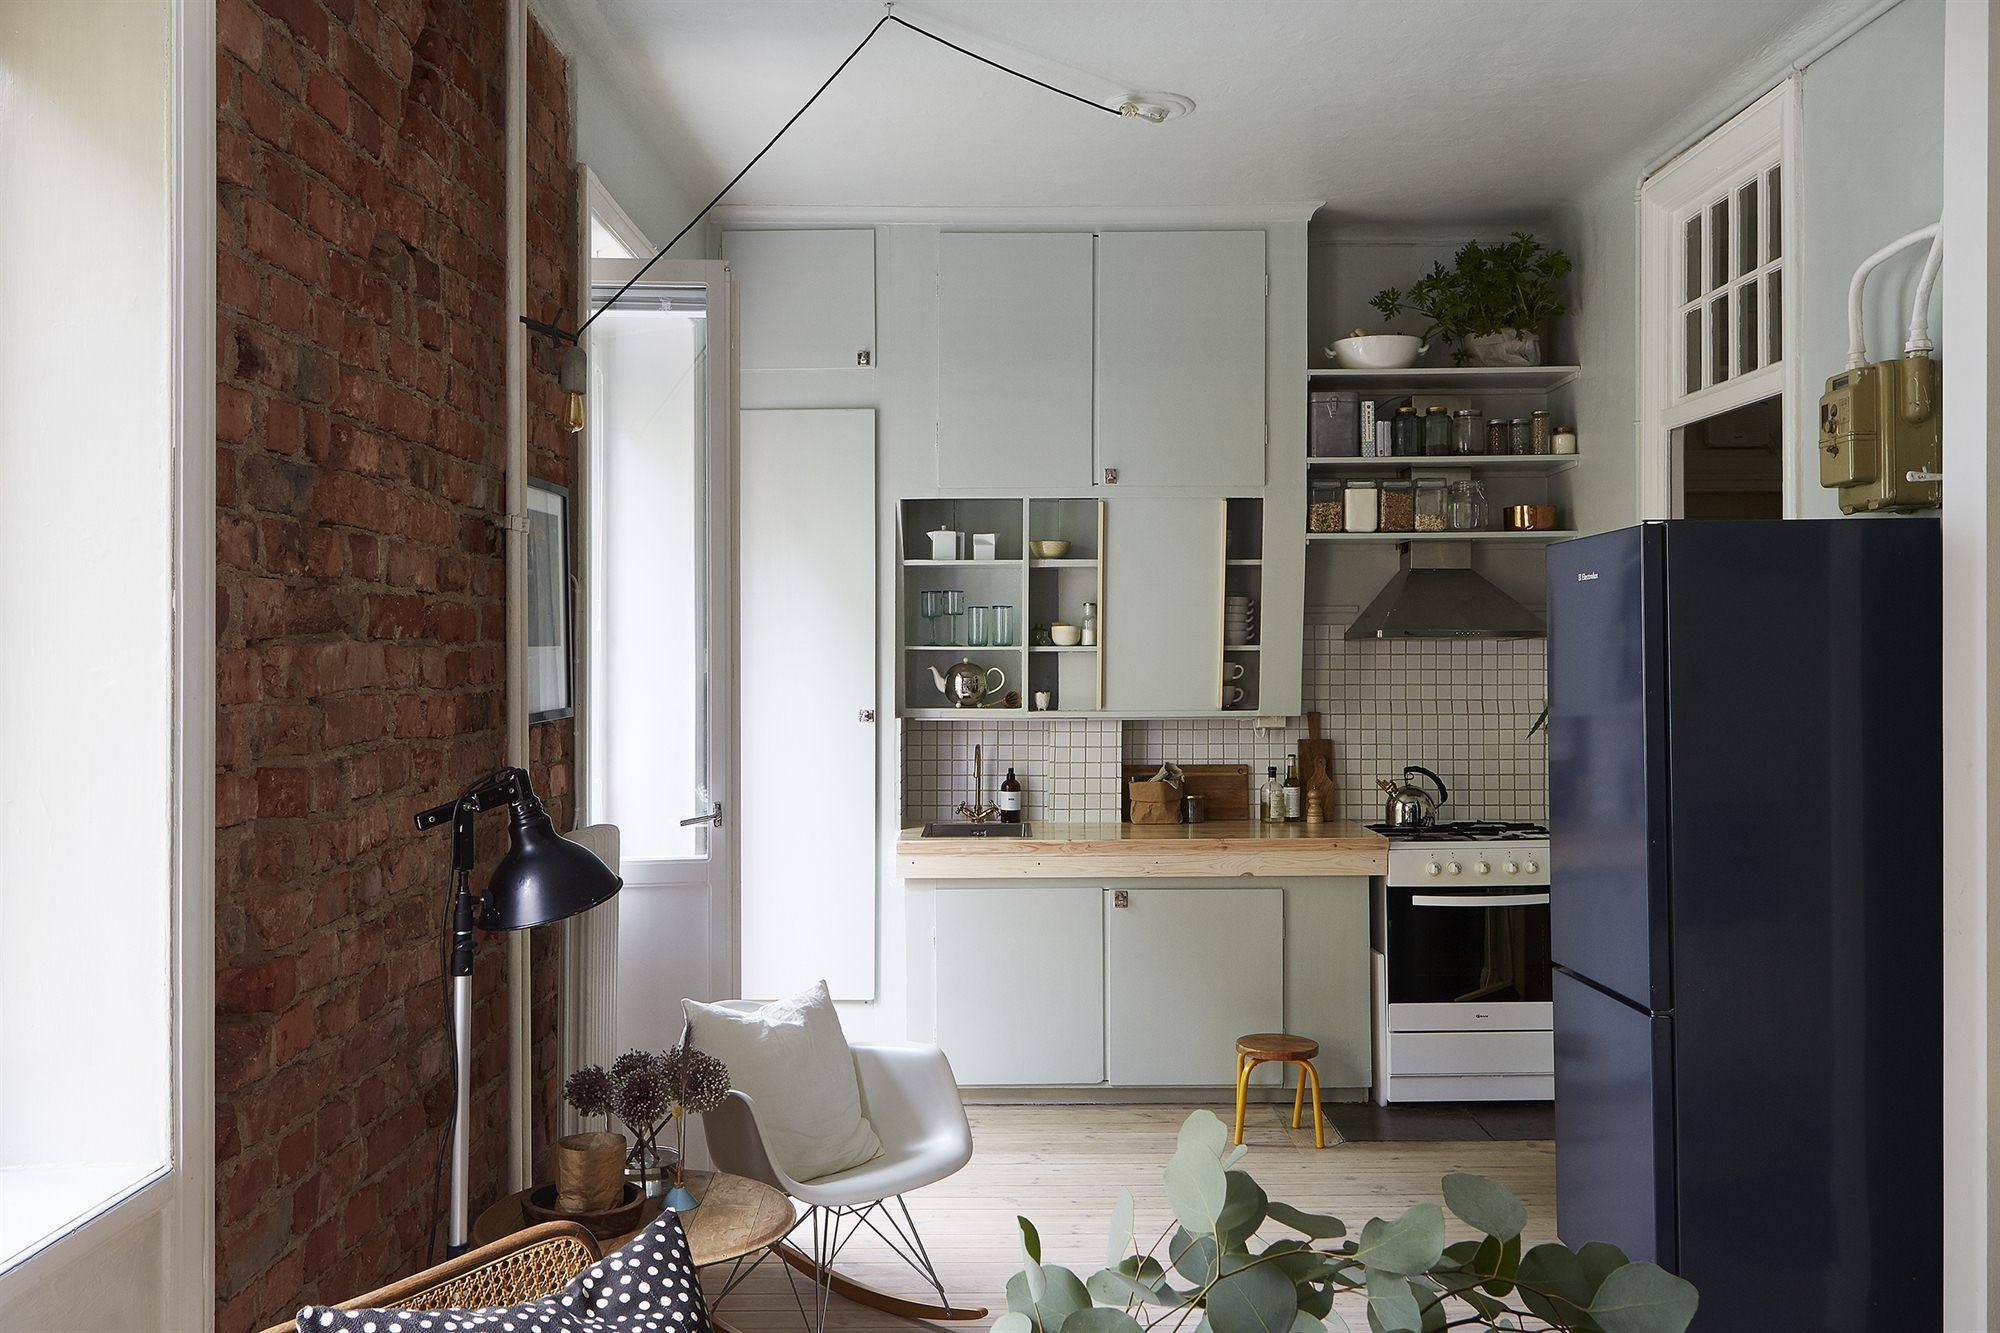 Dit kleine huisje heeft de mooiste hoogslaper ooit kitchen